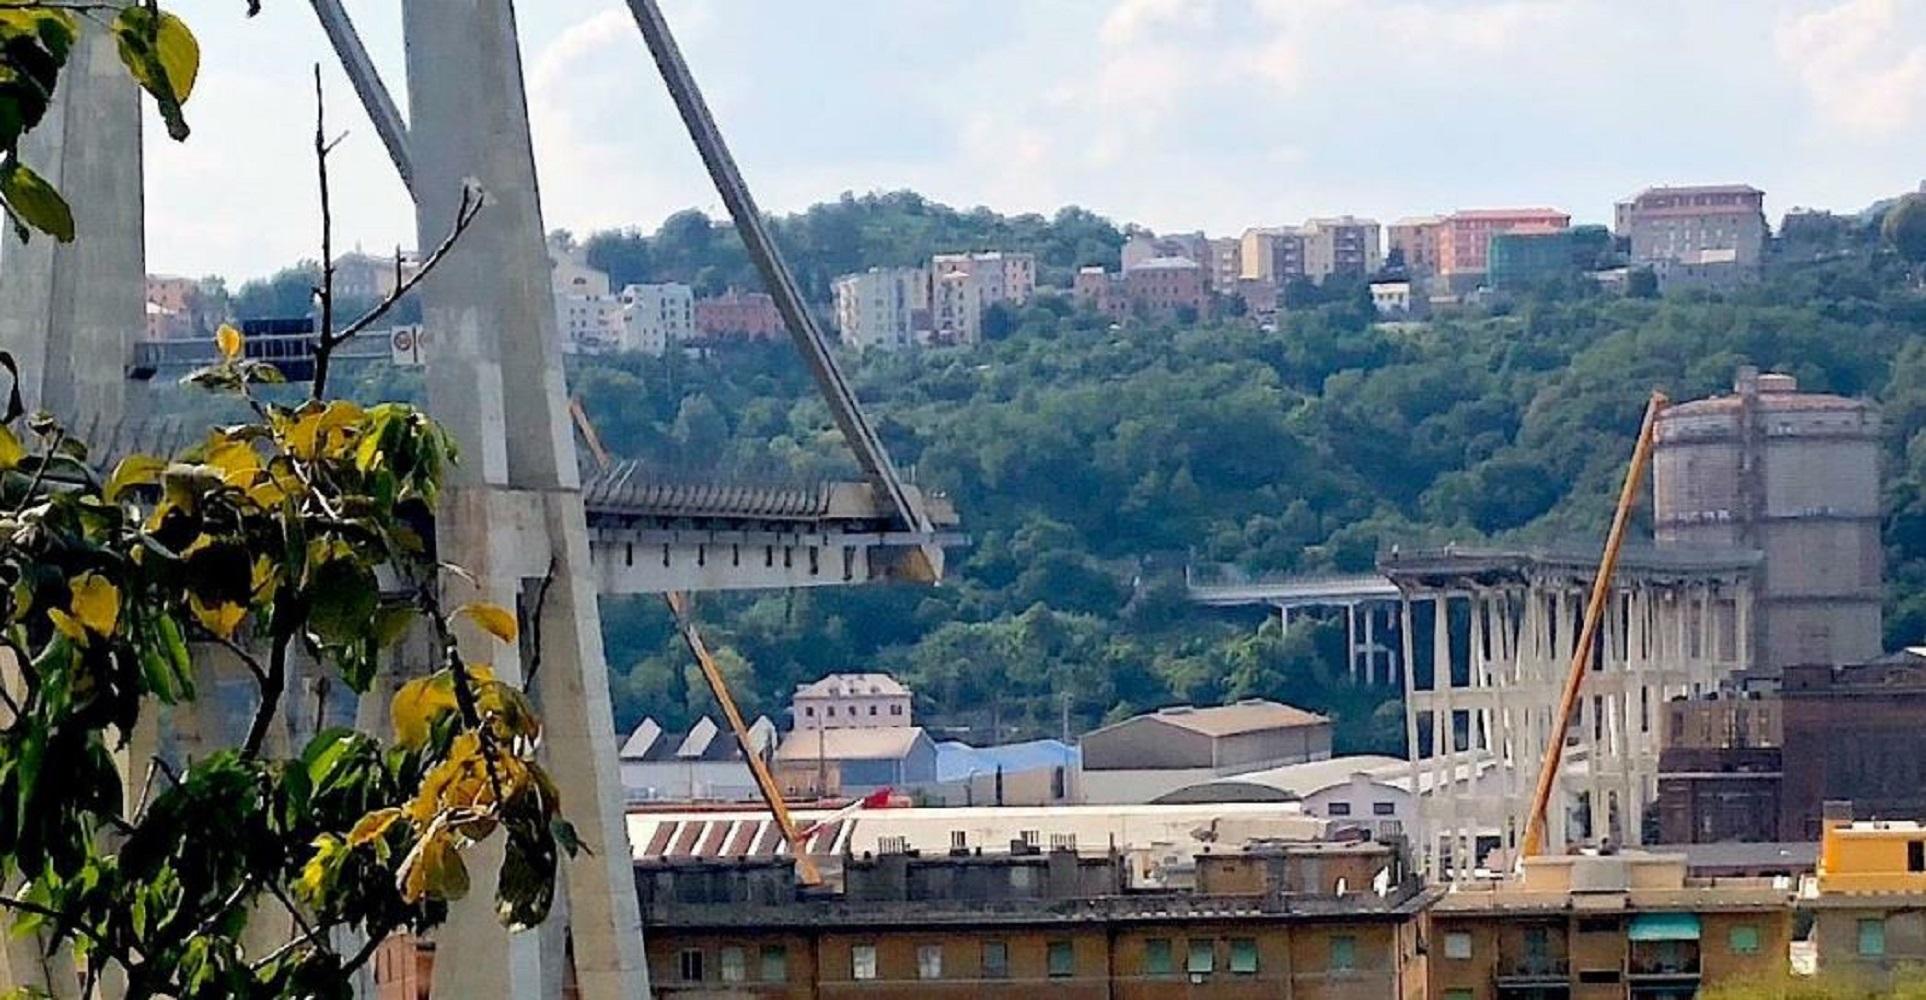 Demolizione ponte morandi lanciato l 39 allarme amianto for Scopa sul divano